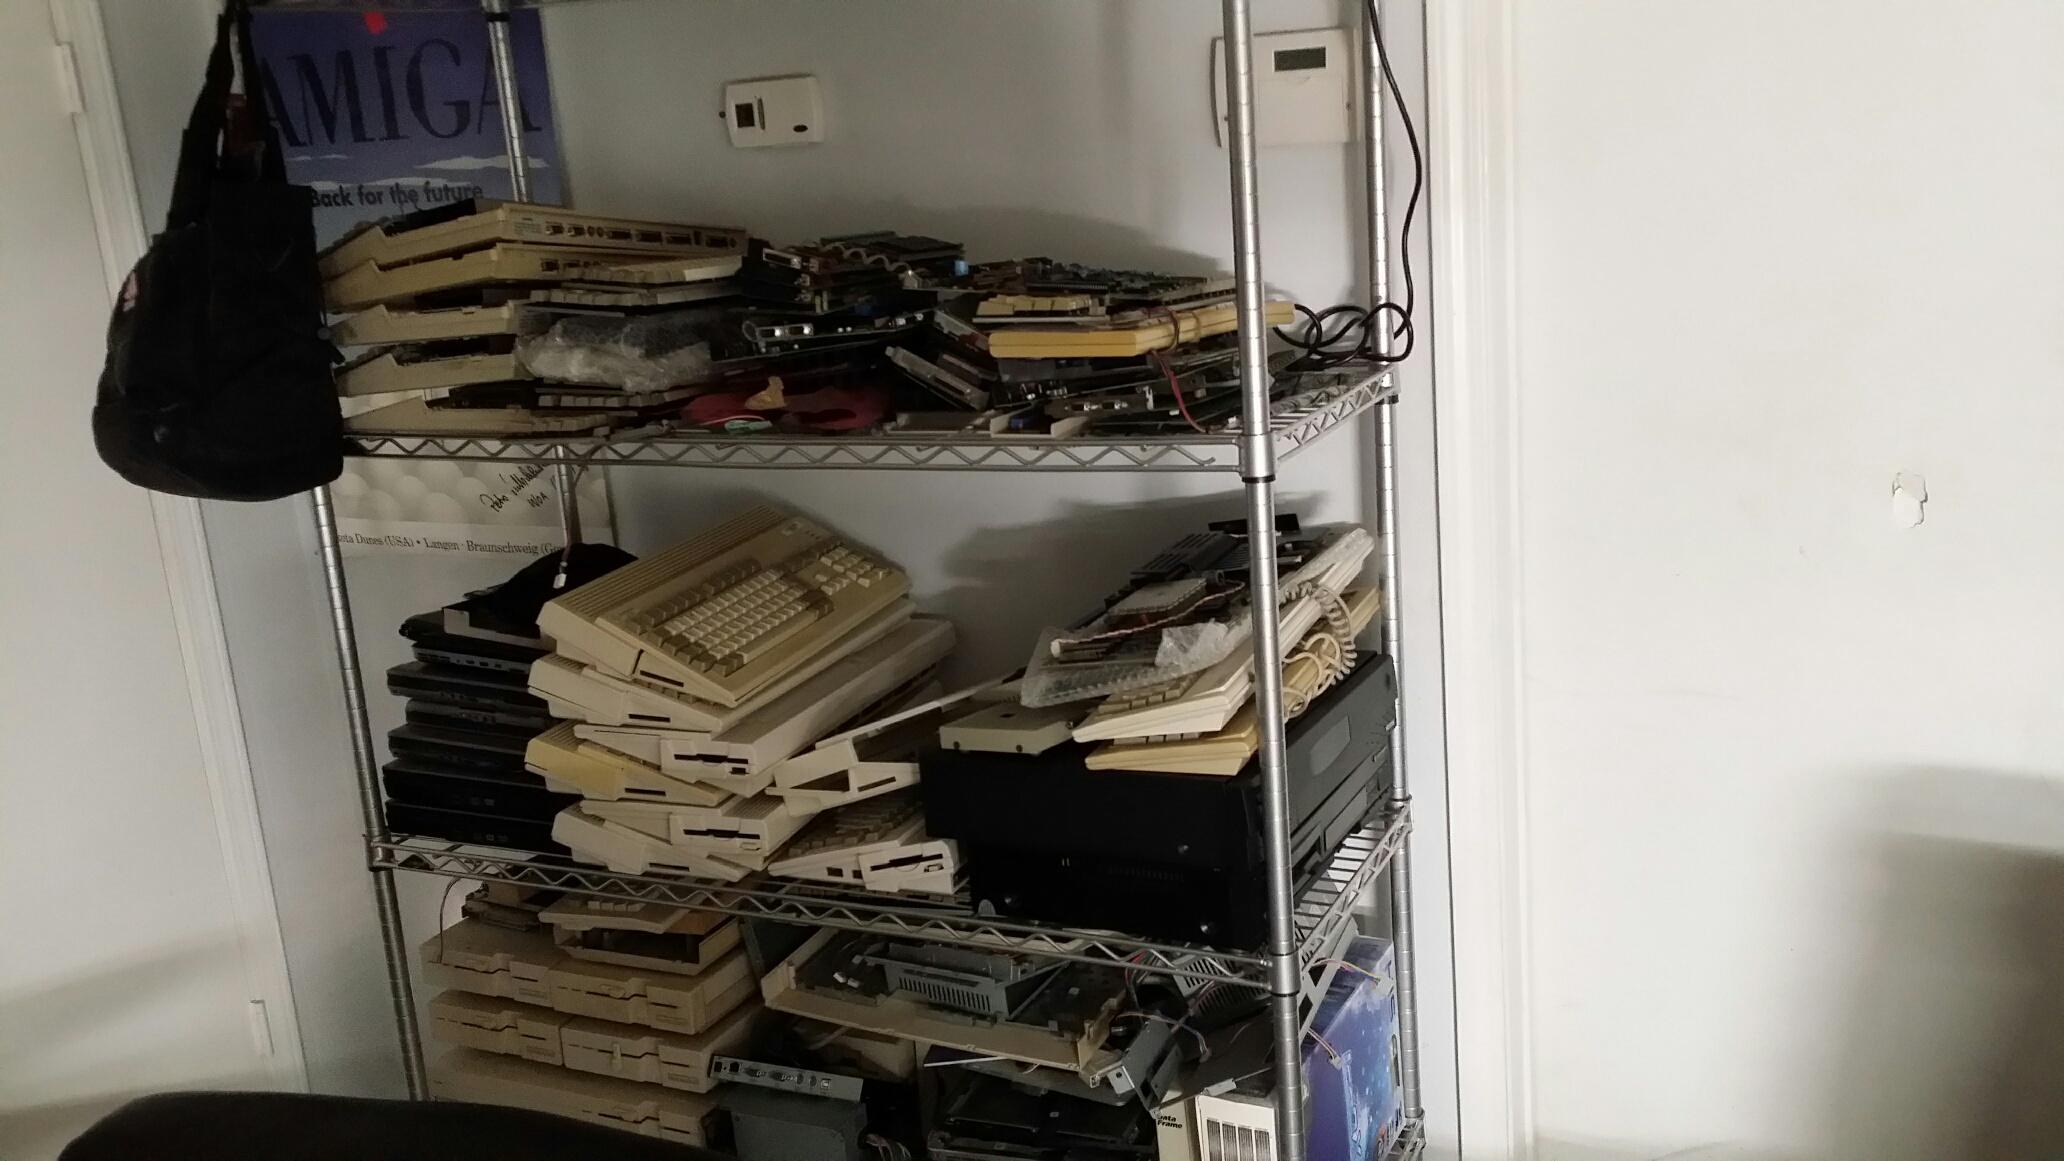 Amiga Repair